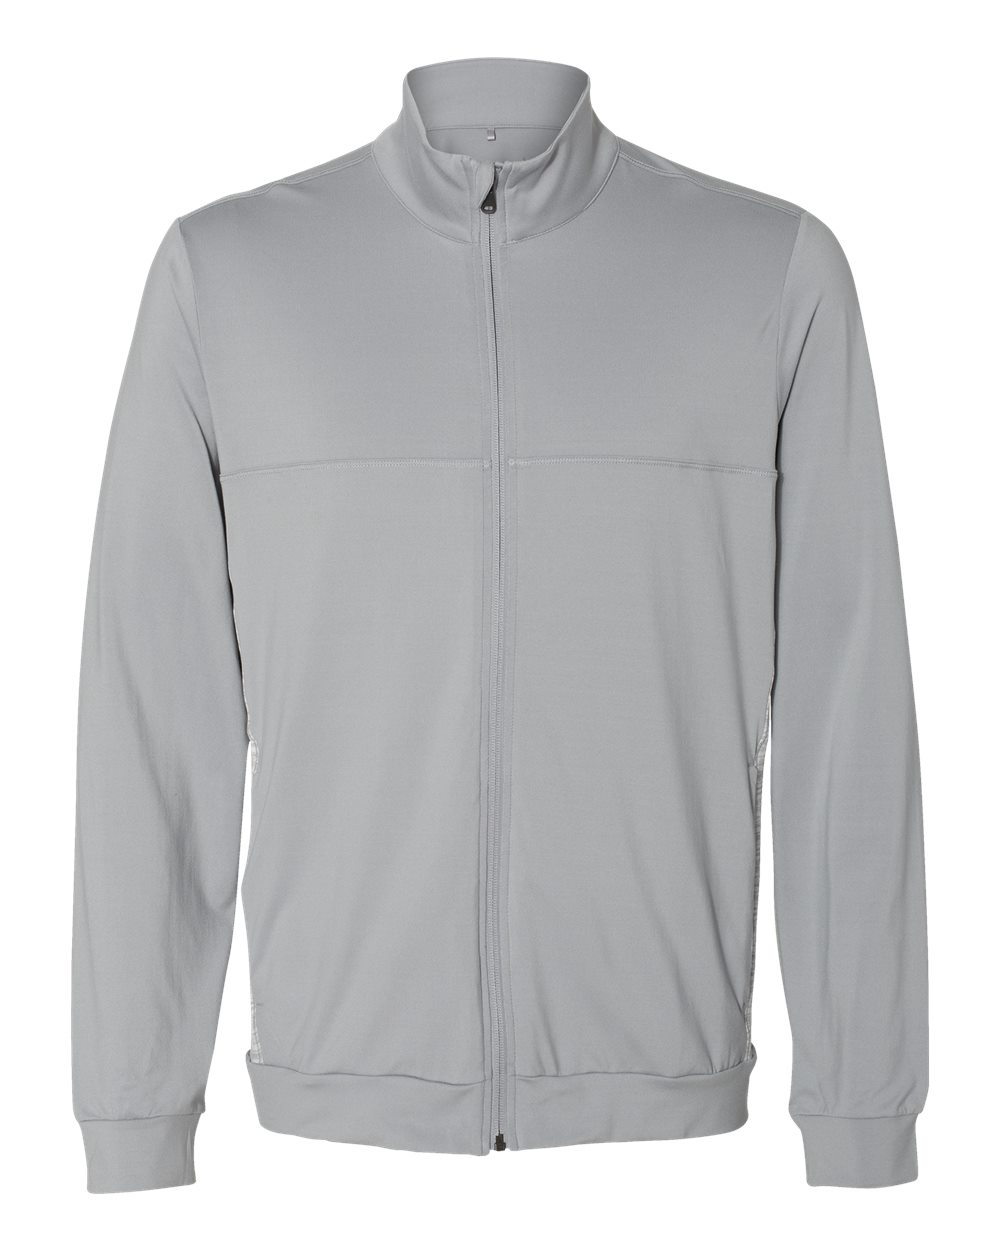 Adidas A203 Mid Grey